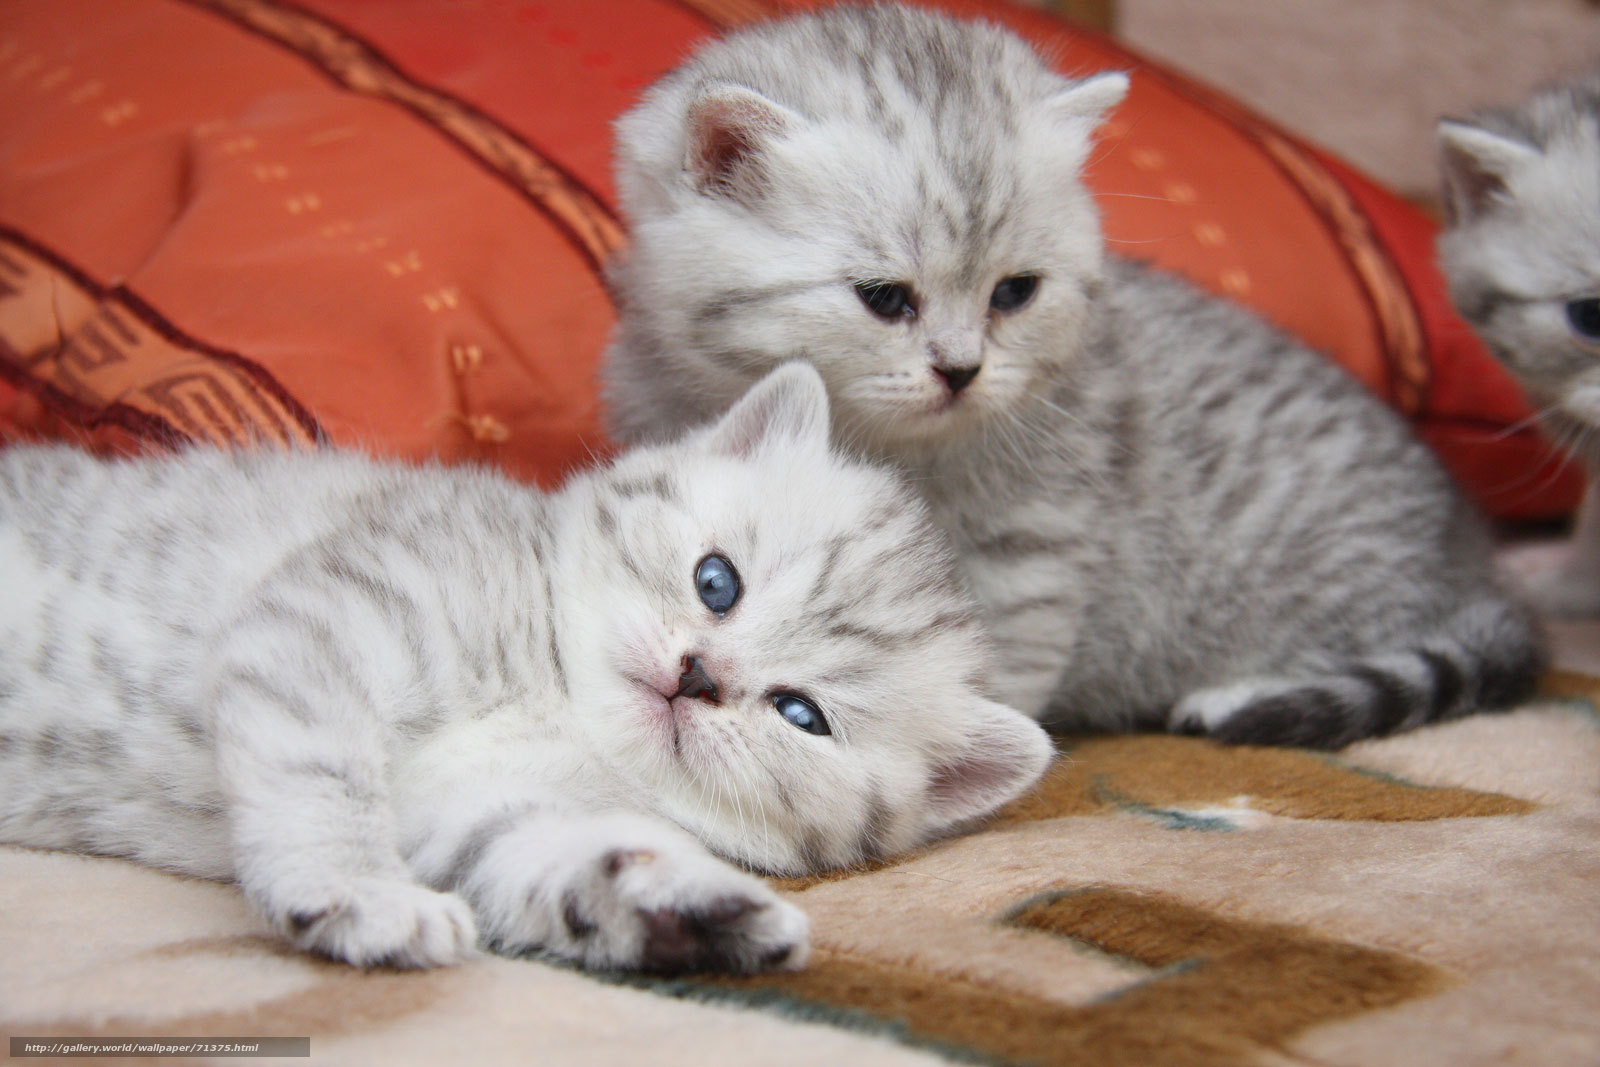 Скачать обои кошки котята мило